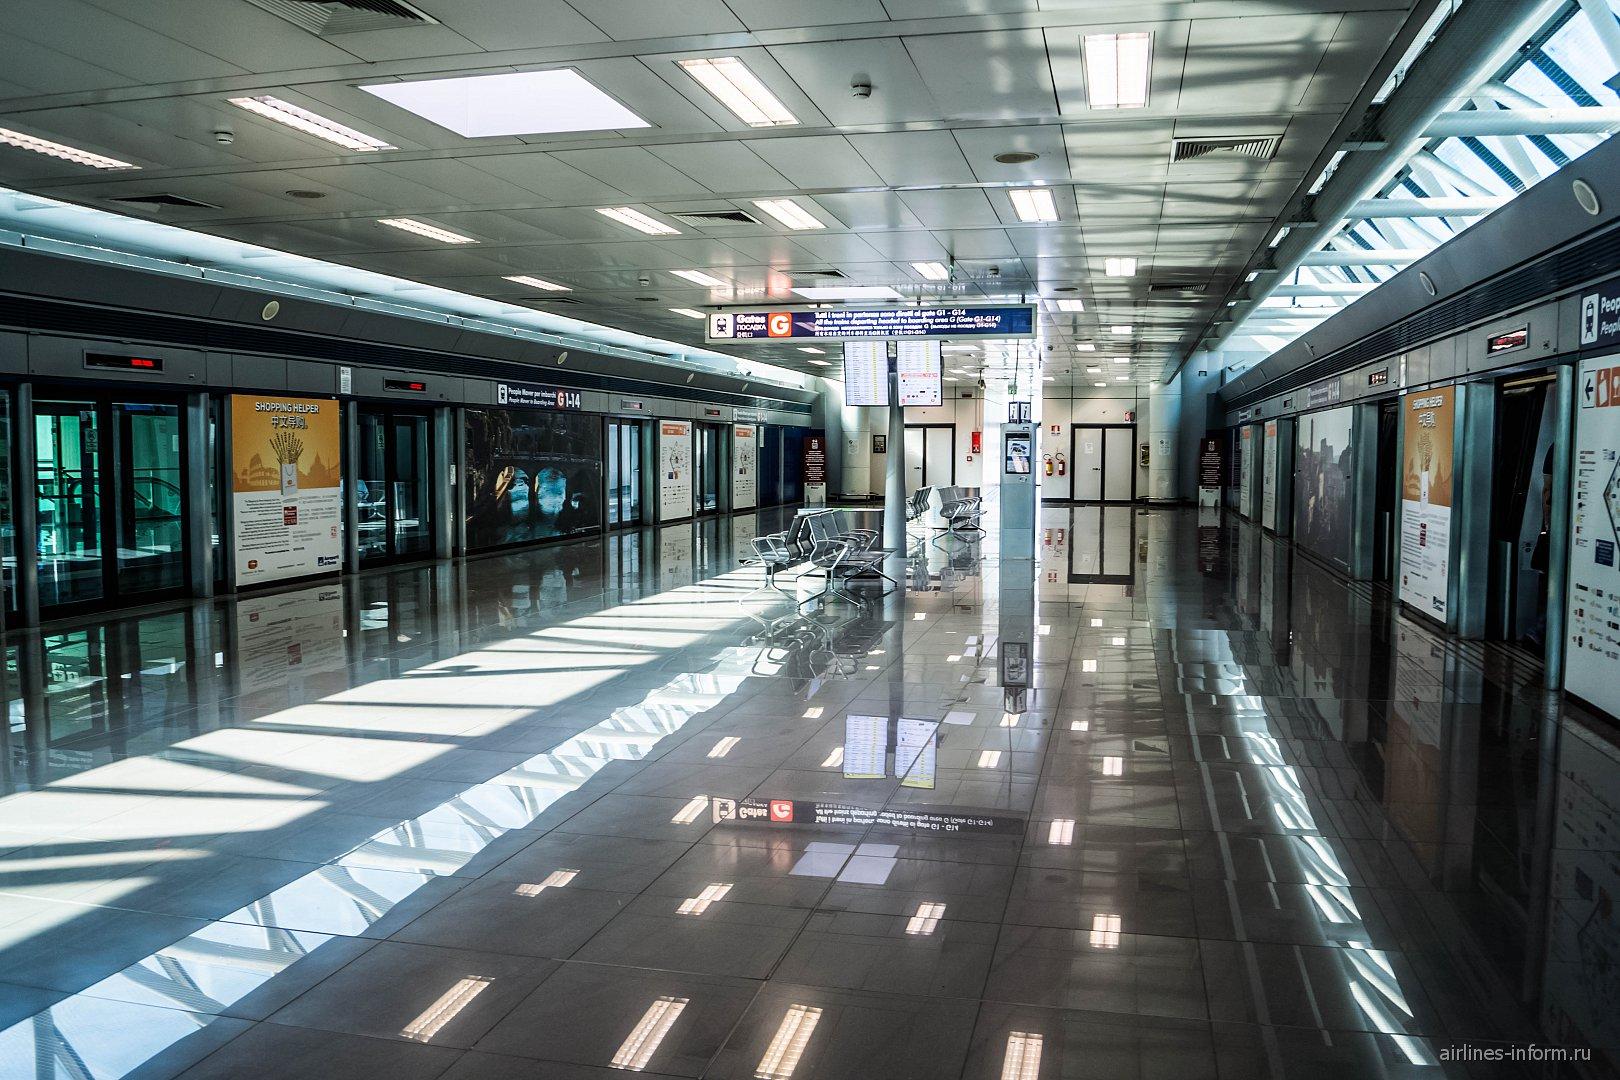 Станция пипл-мувера в терминале 3 аэропорта Рим Фьюмичино